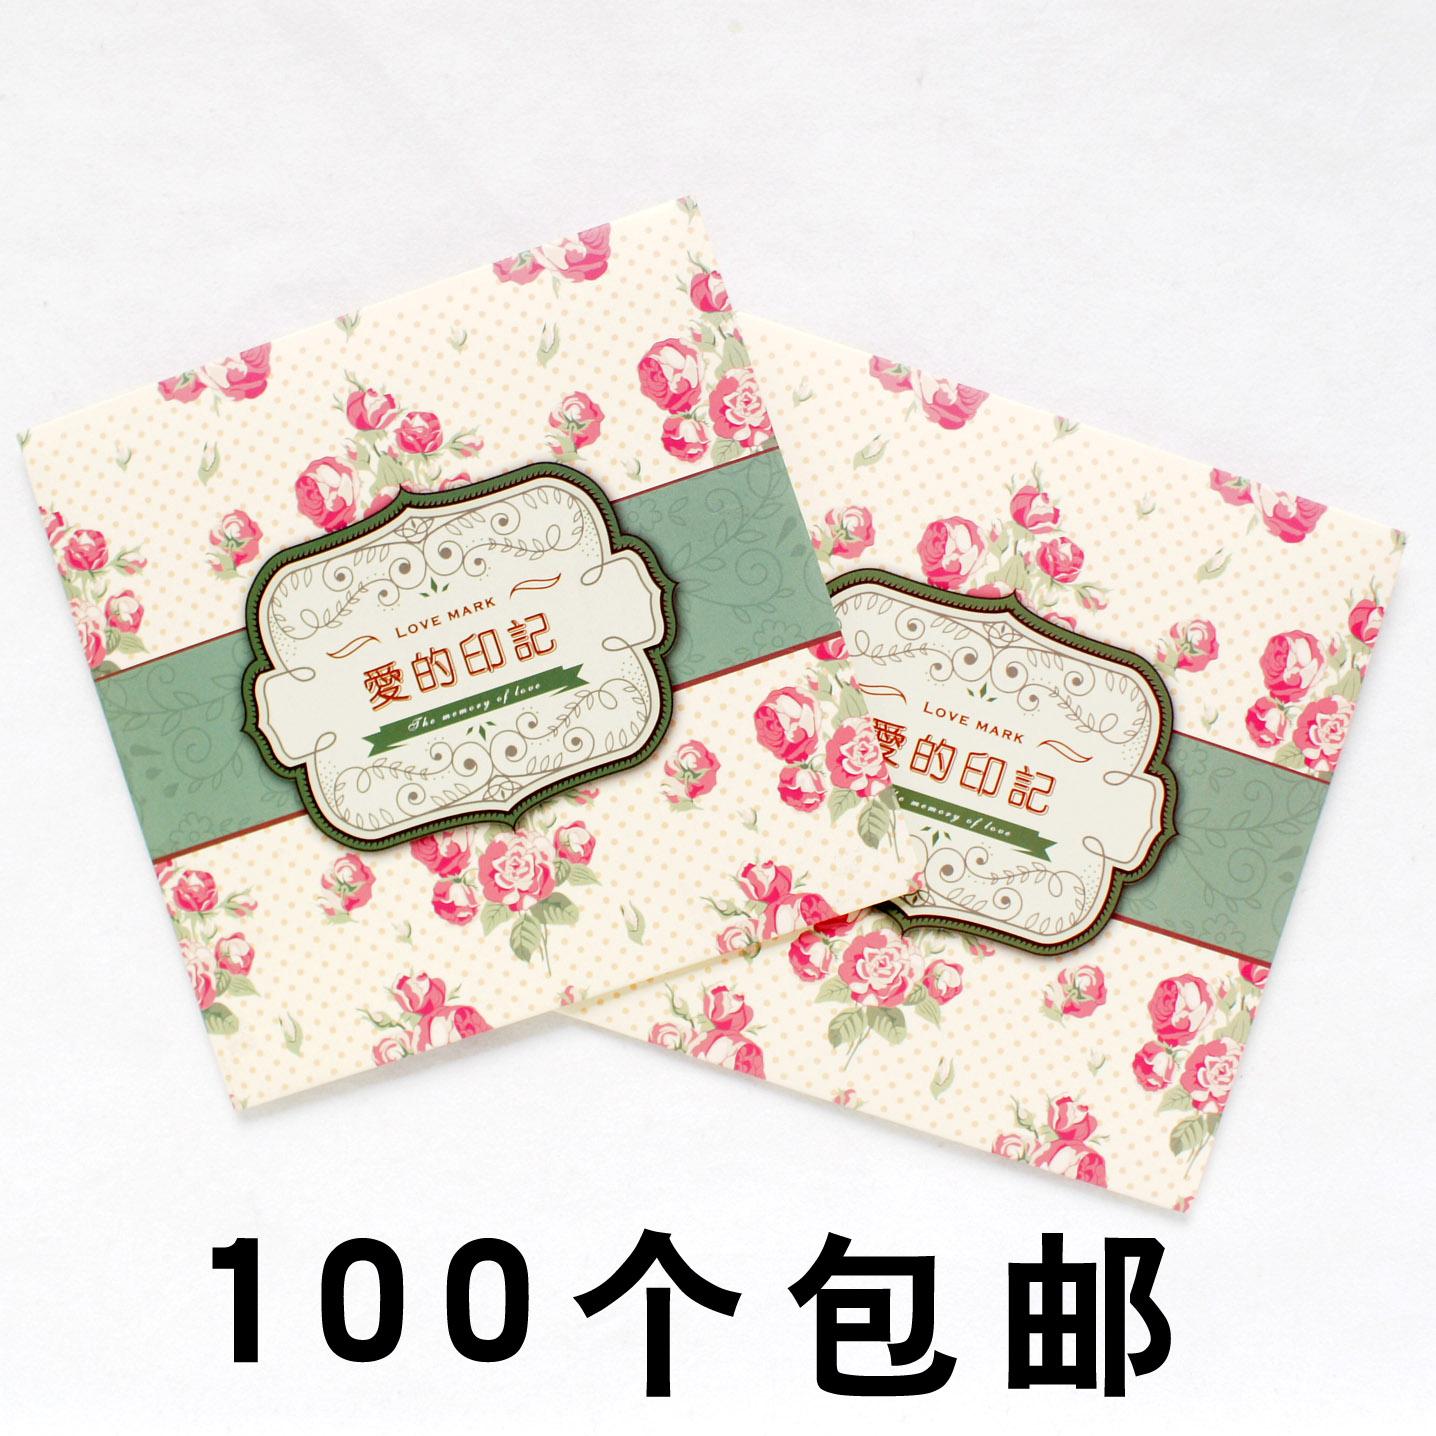 Мода свадьба фотография cd бумажный мешок свадьба cd мешок / коробка CD DVD cd бумажный мешок свадьба специальный